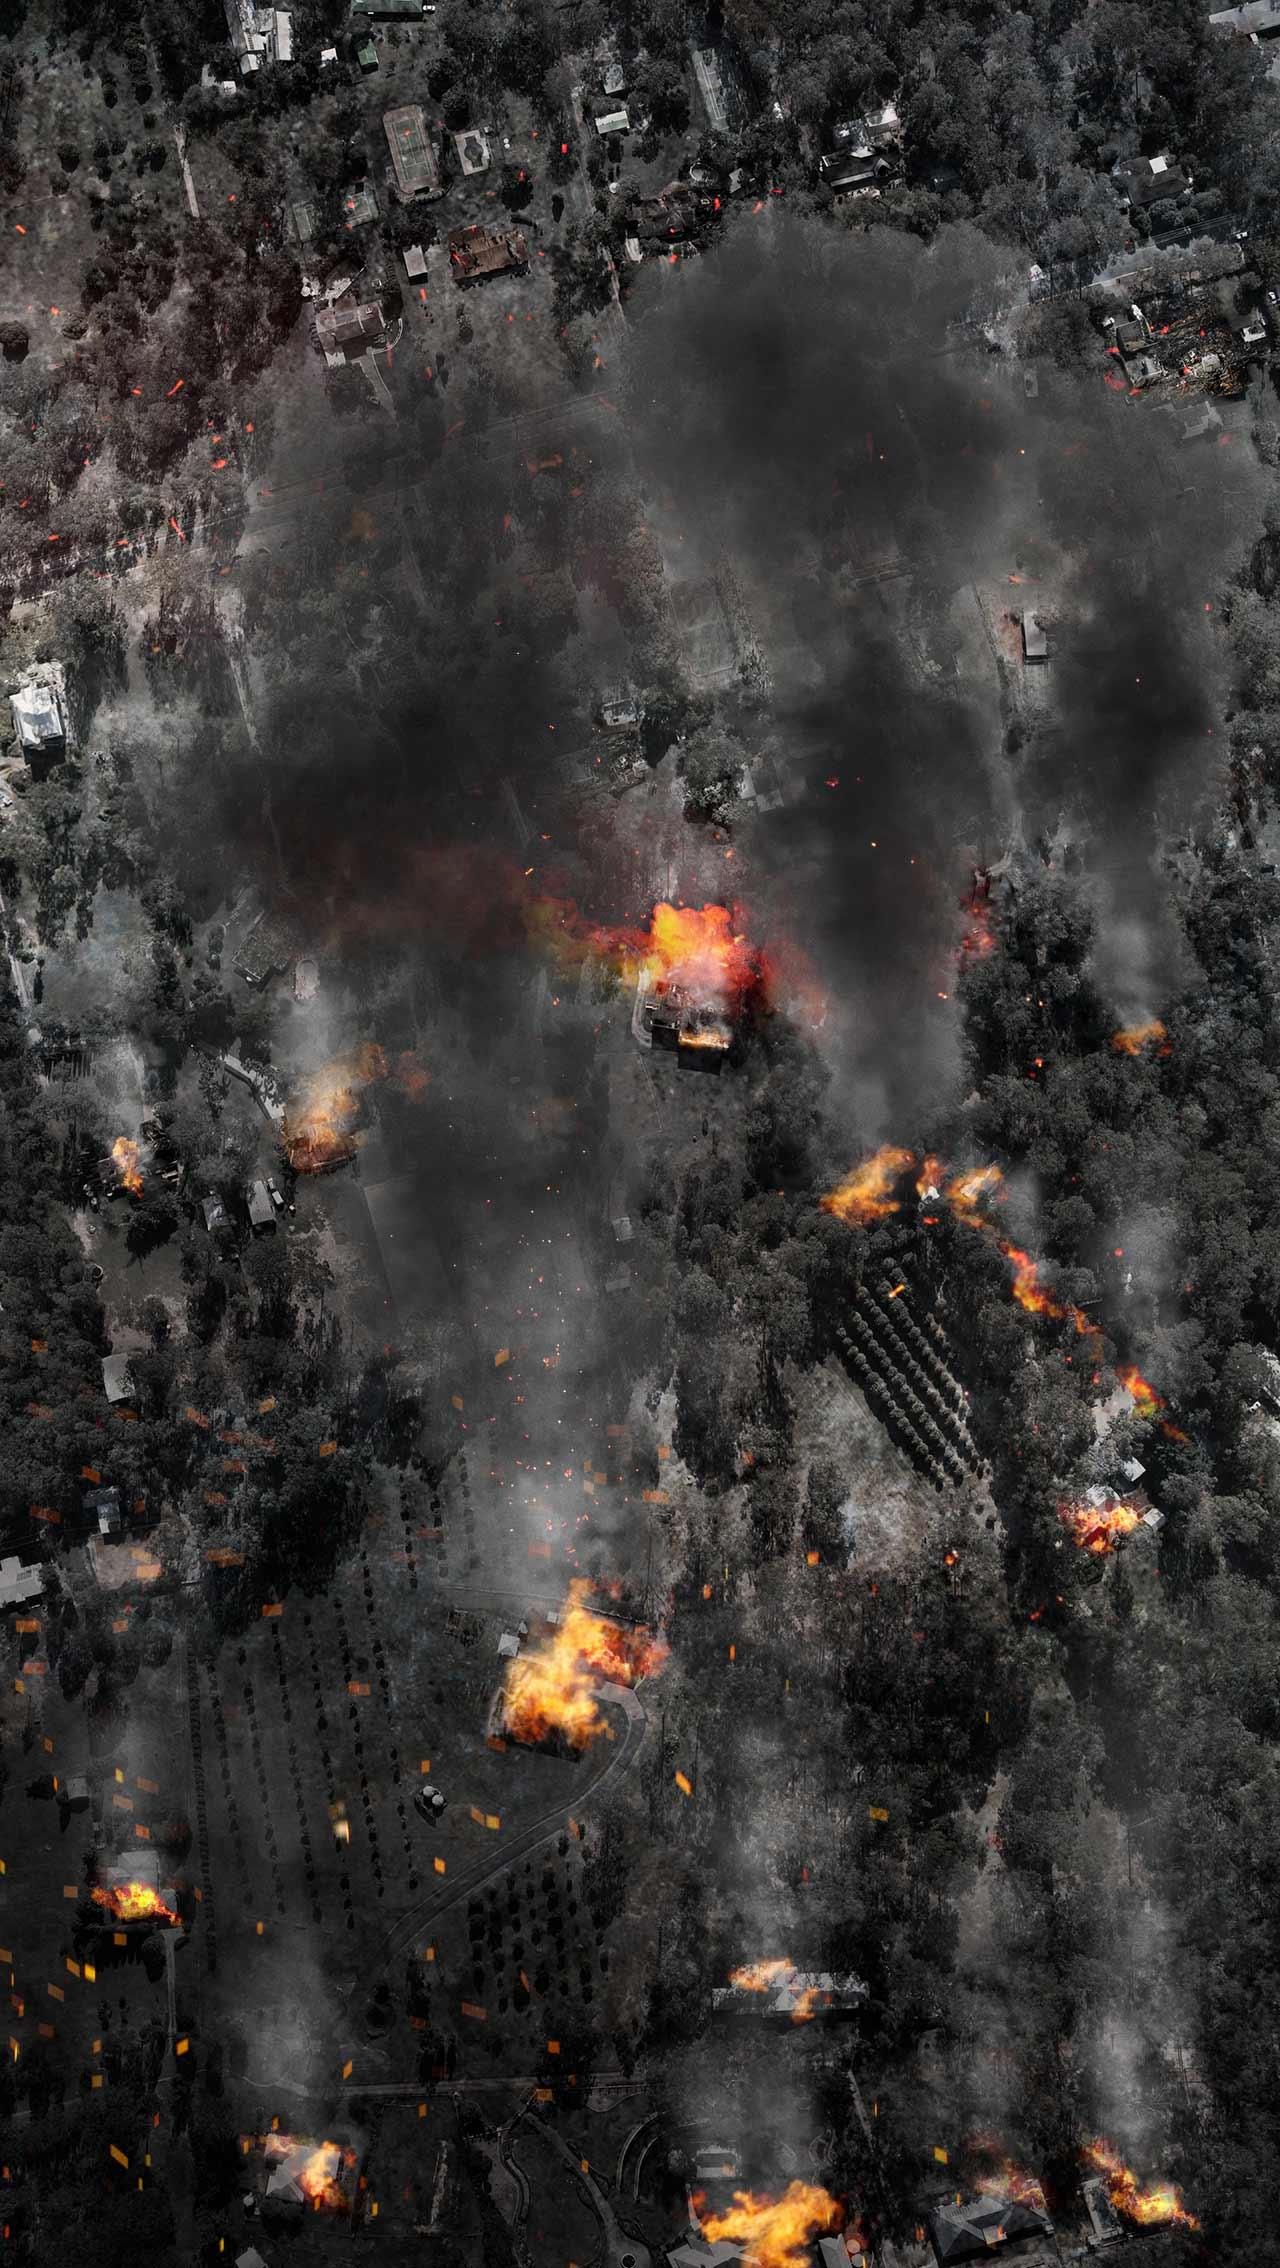 Background lửa cháy đẹp